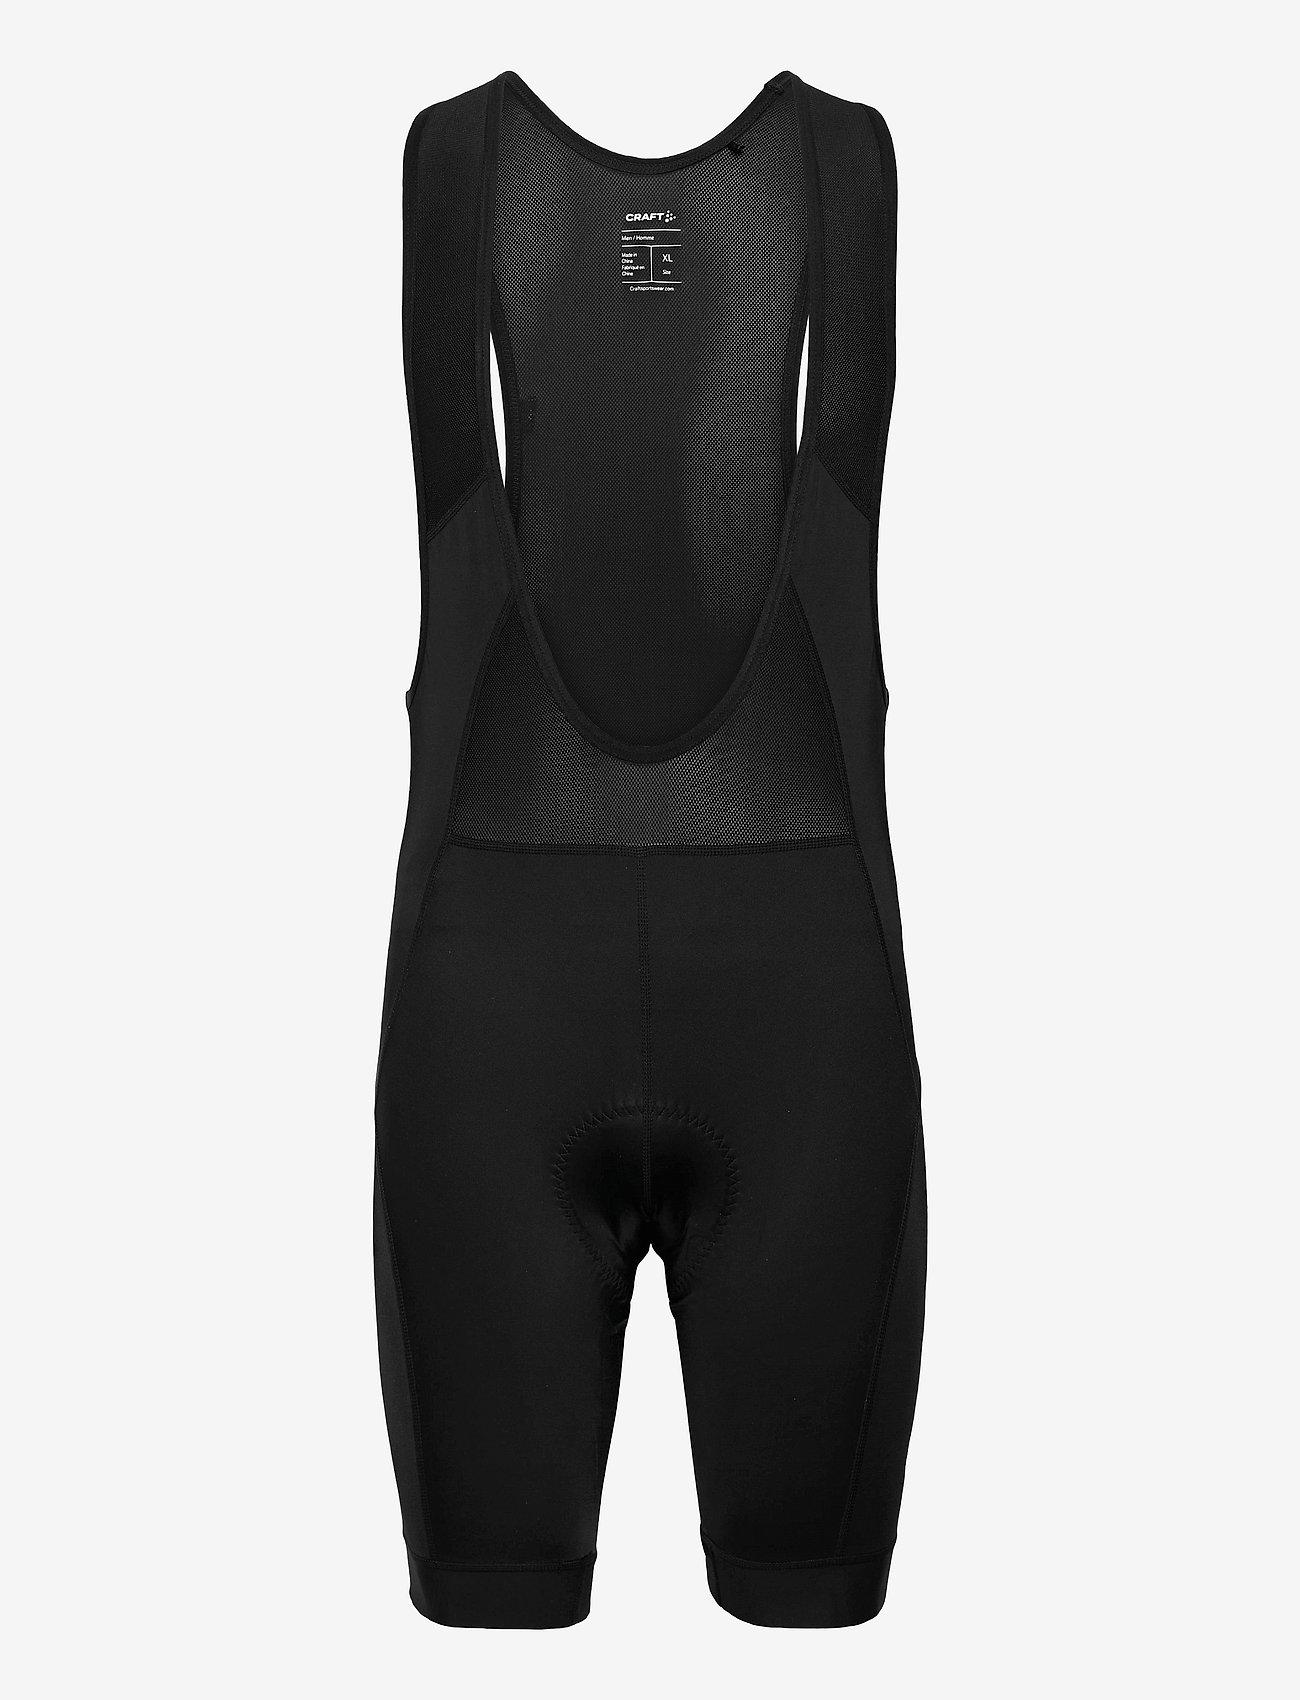 Craft - Essence Bib Shorts M - cycling shorts & tights - black - 0